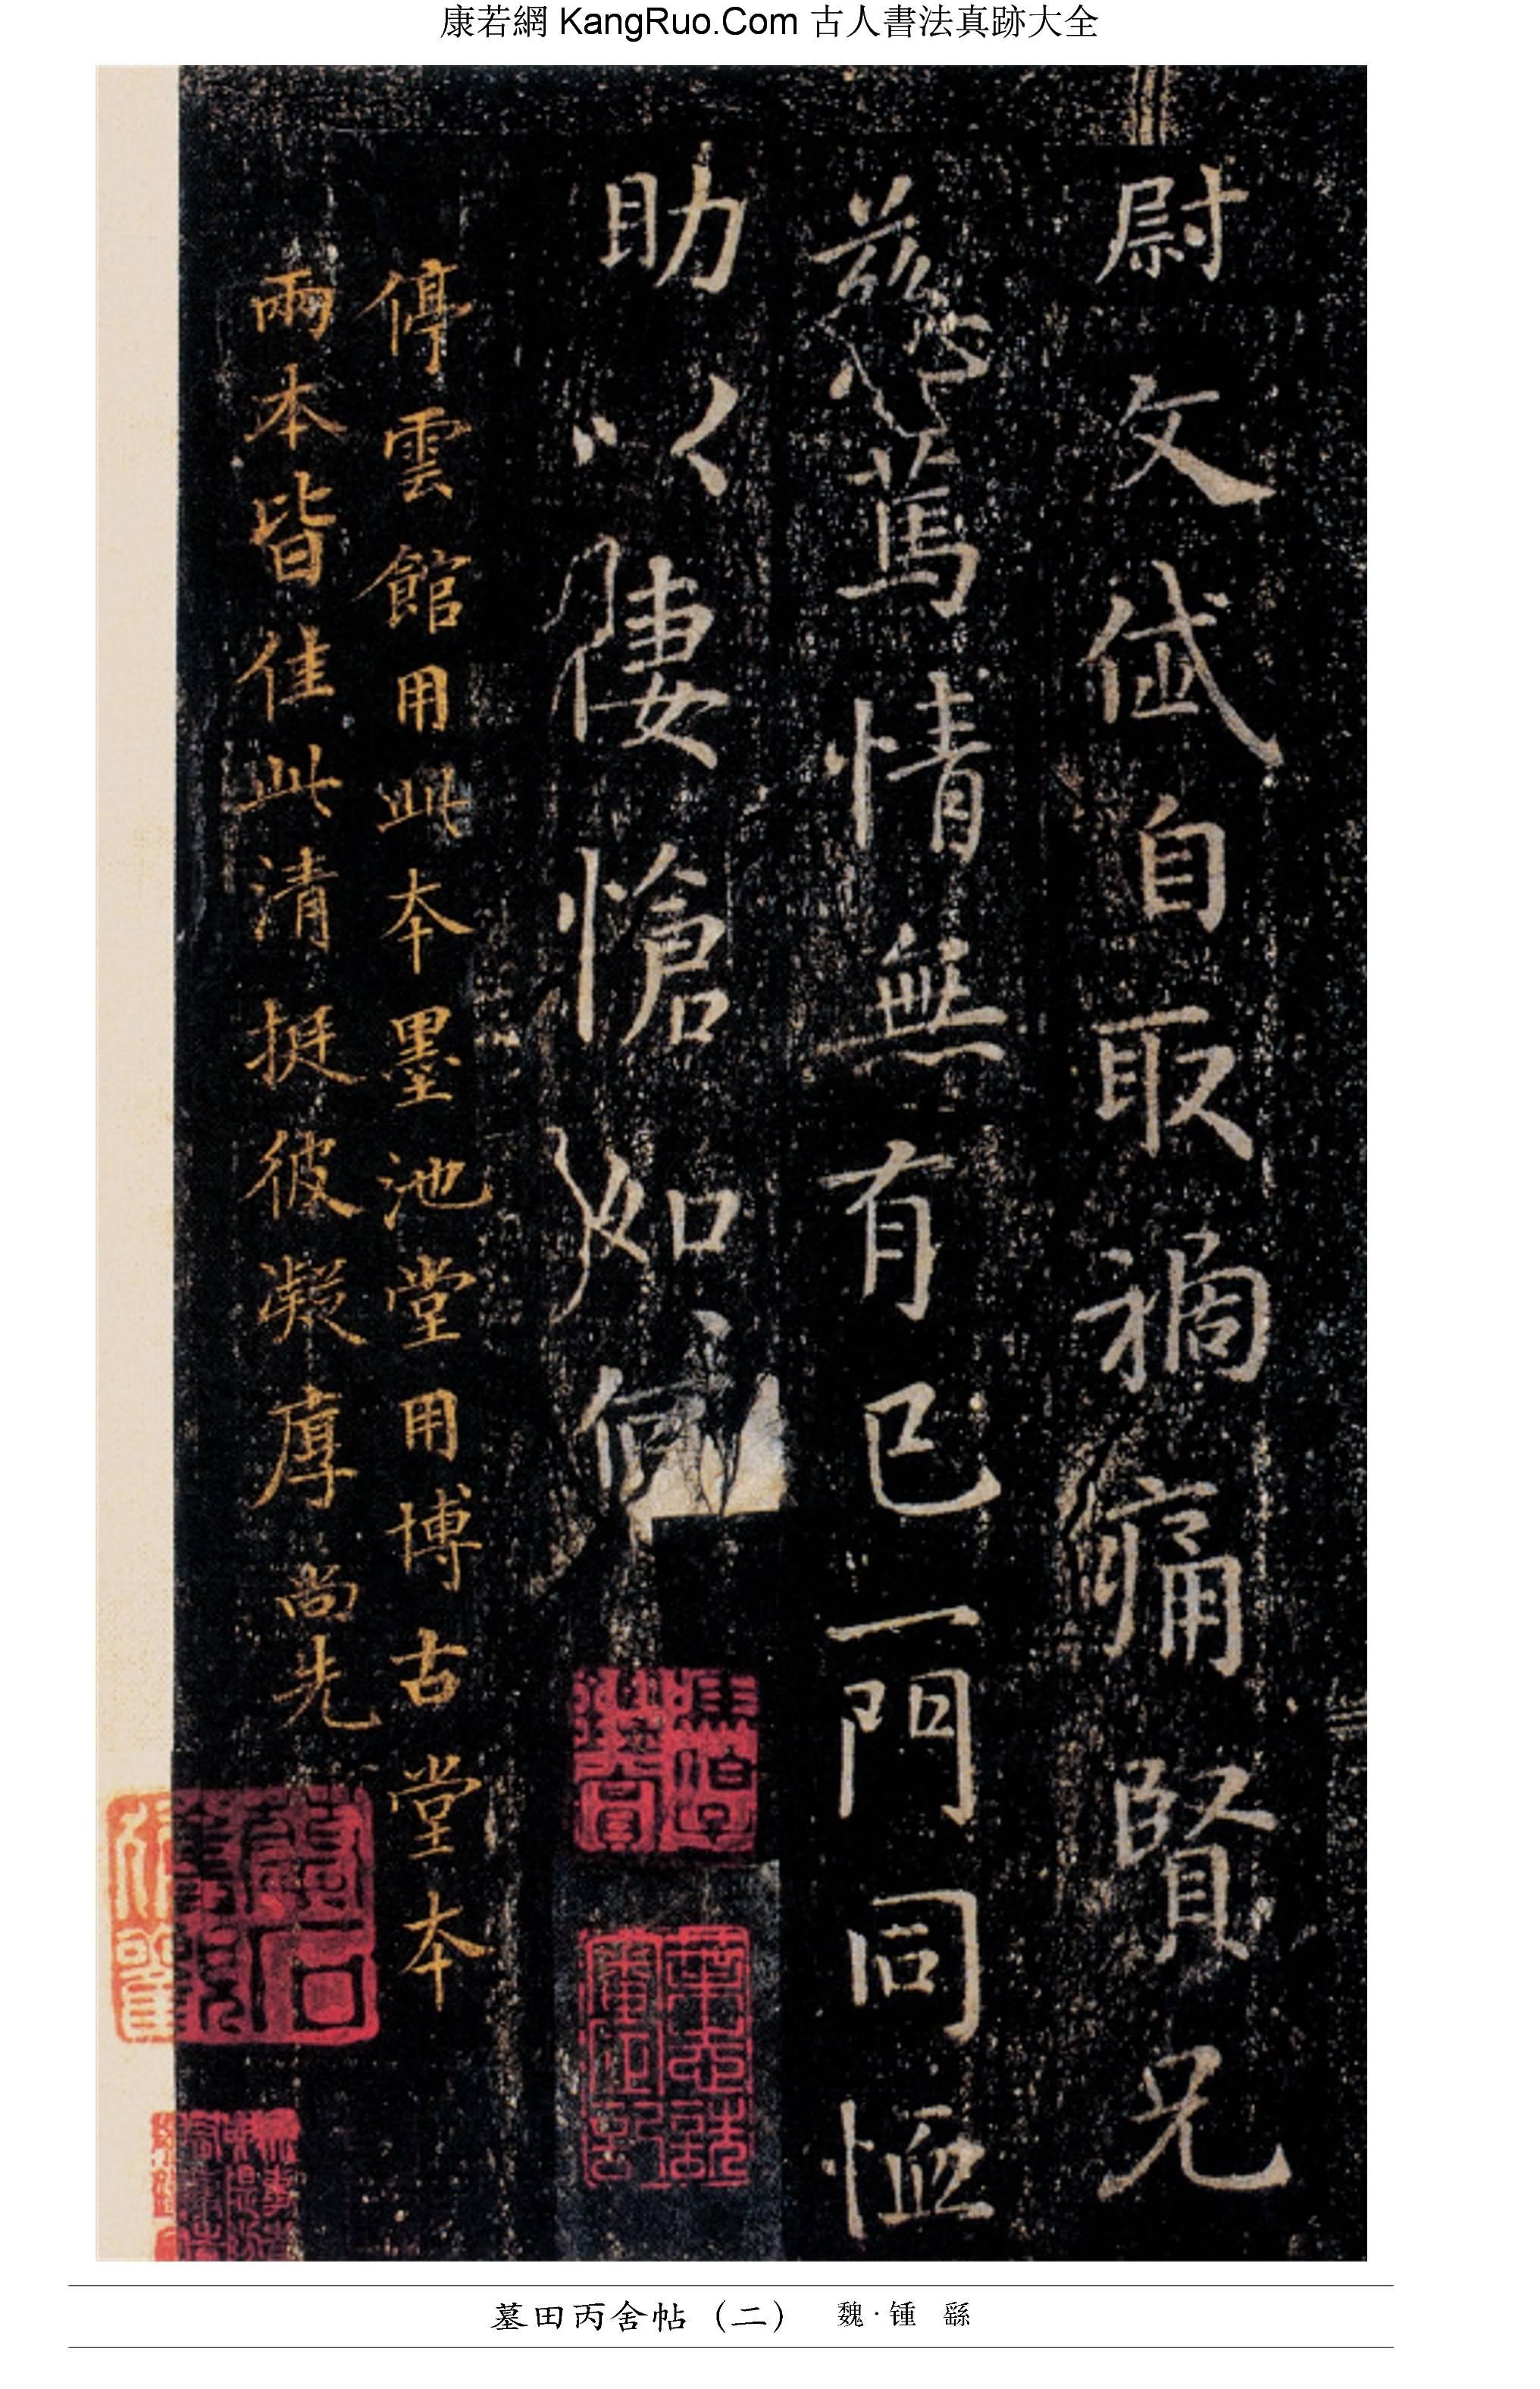 《墓田丙舍帖》書法真跡(楷書)【魏-鐘繇】_00070